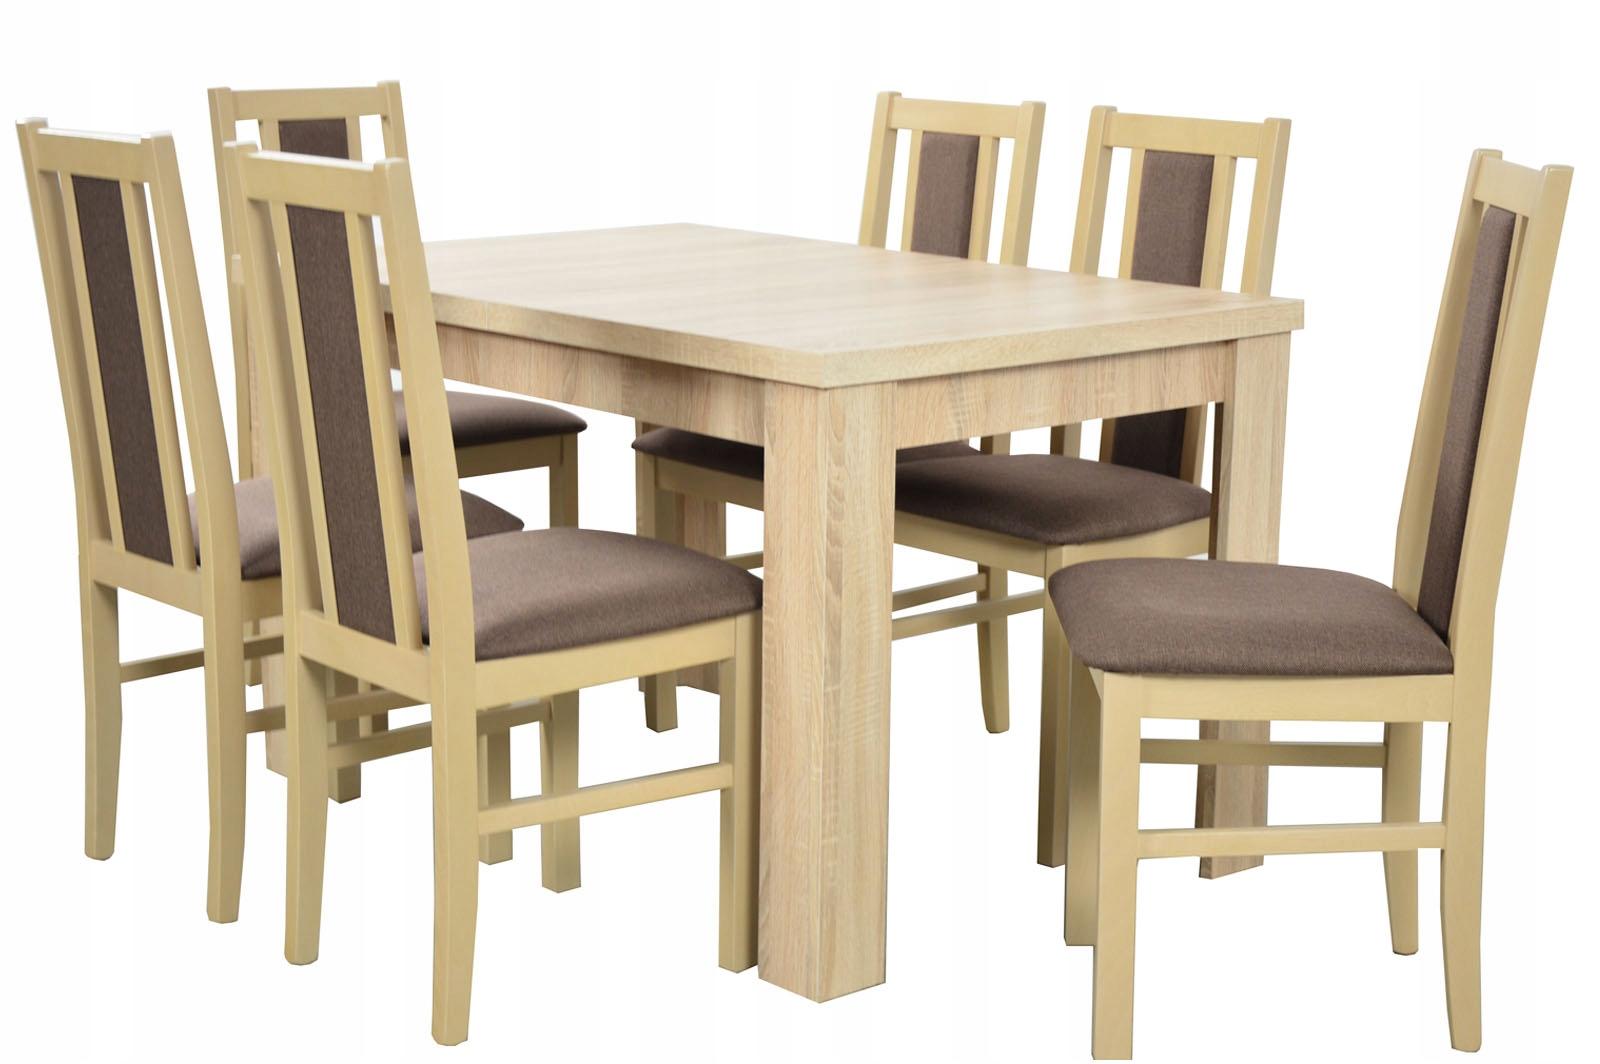 комплект стол раздвижной 160 и 6 ДЕРЕВЯННЫХ Стульев